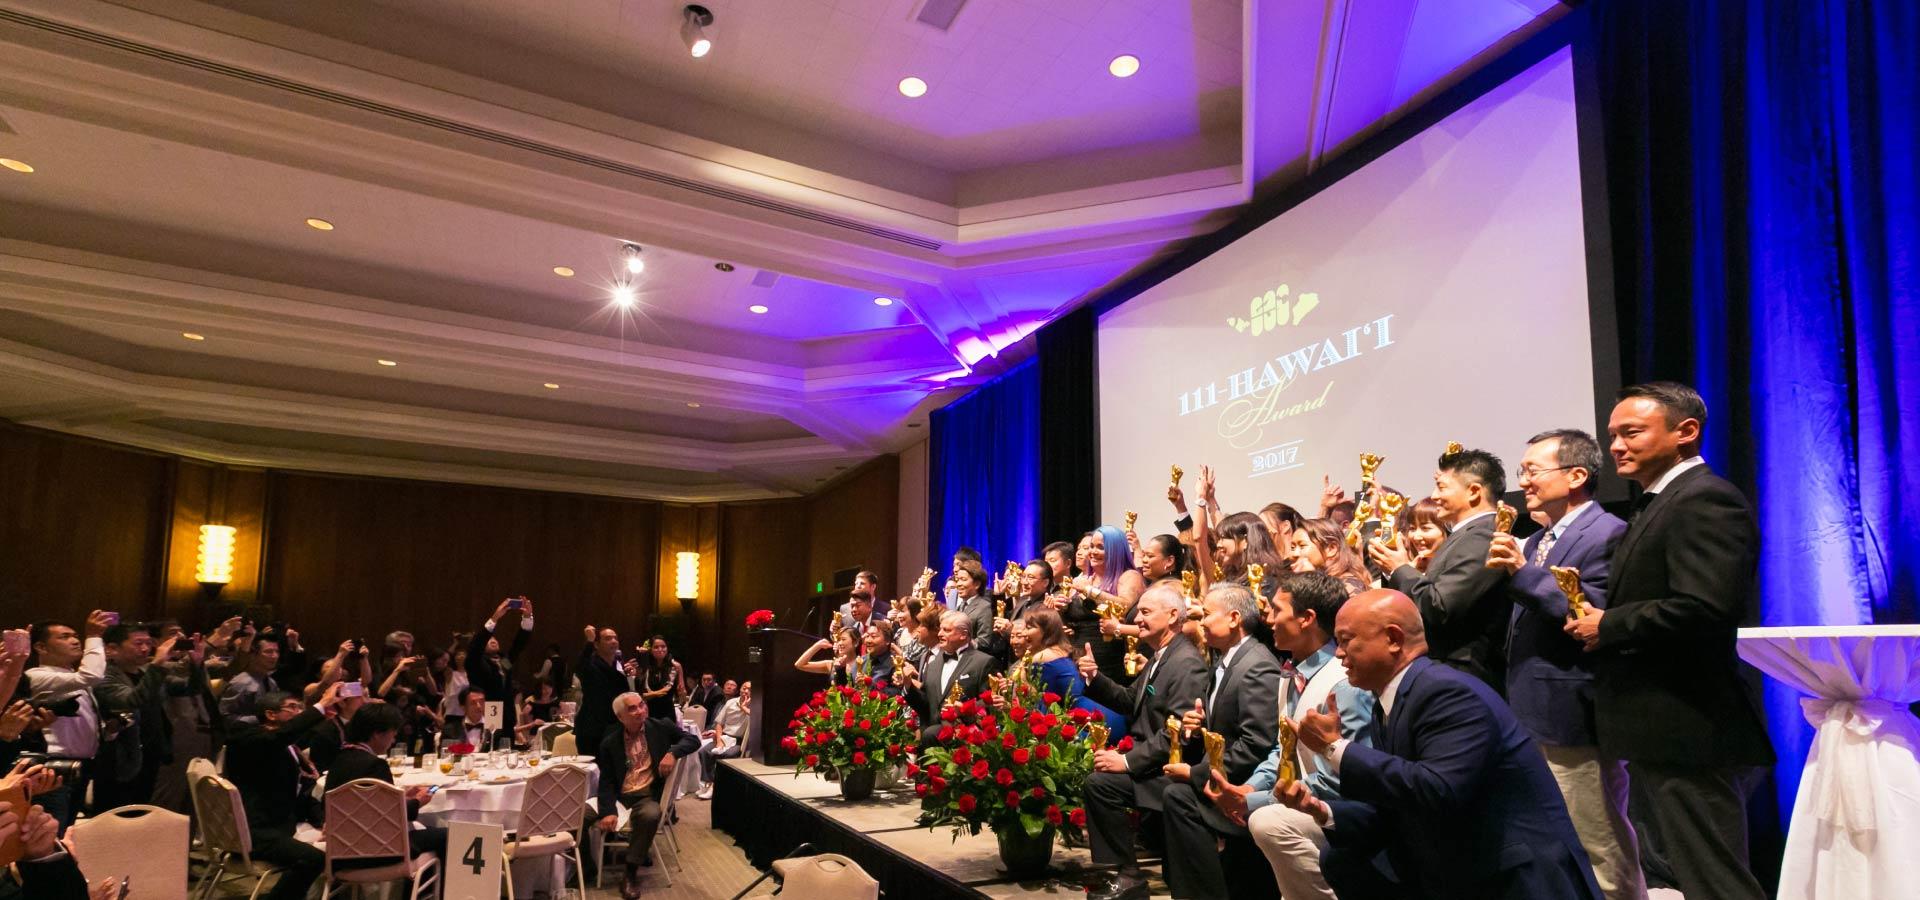 111-Hawaii Award Ceremony